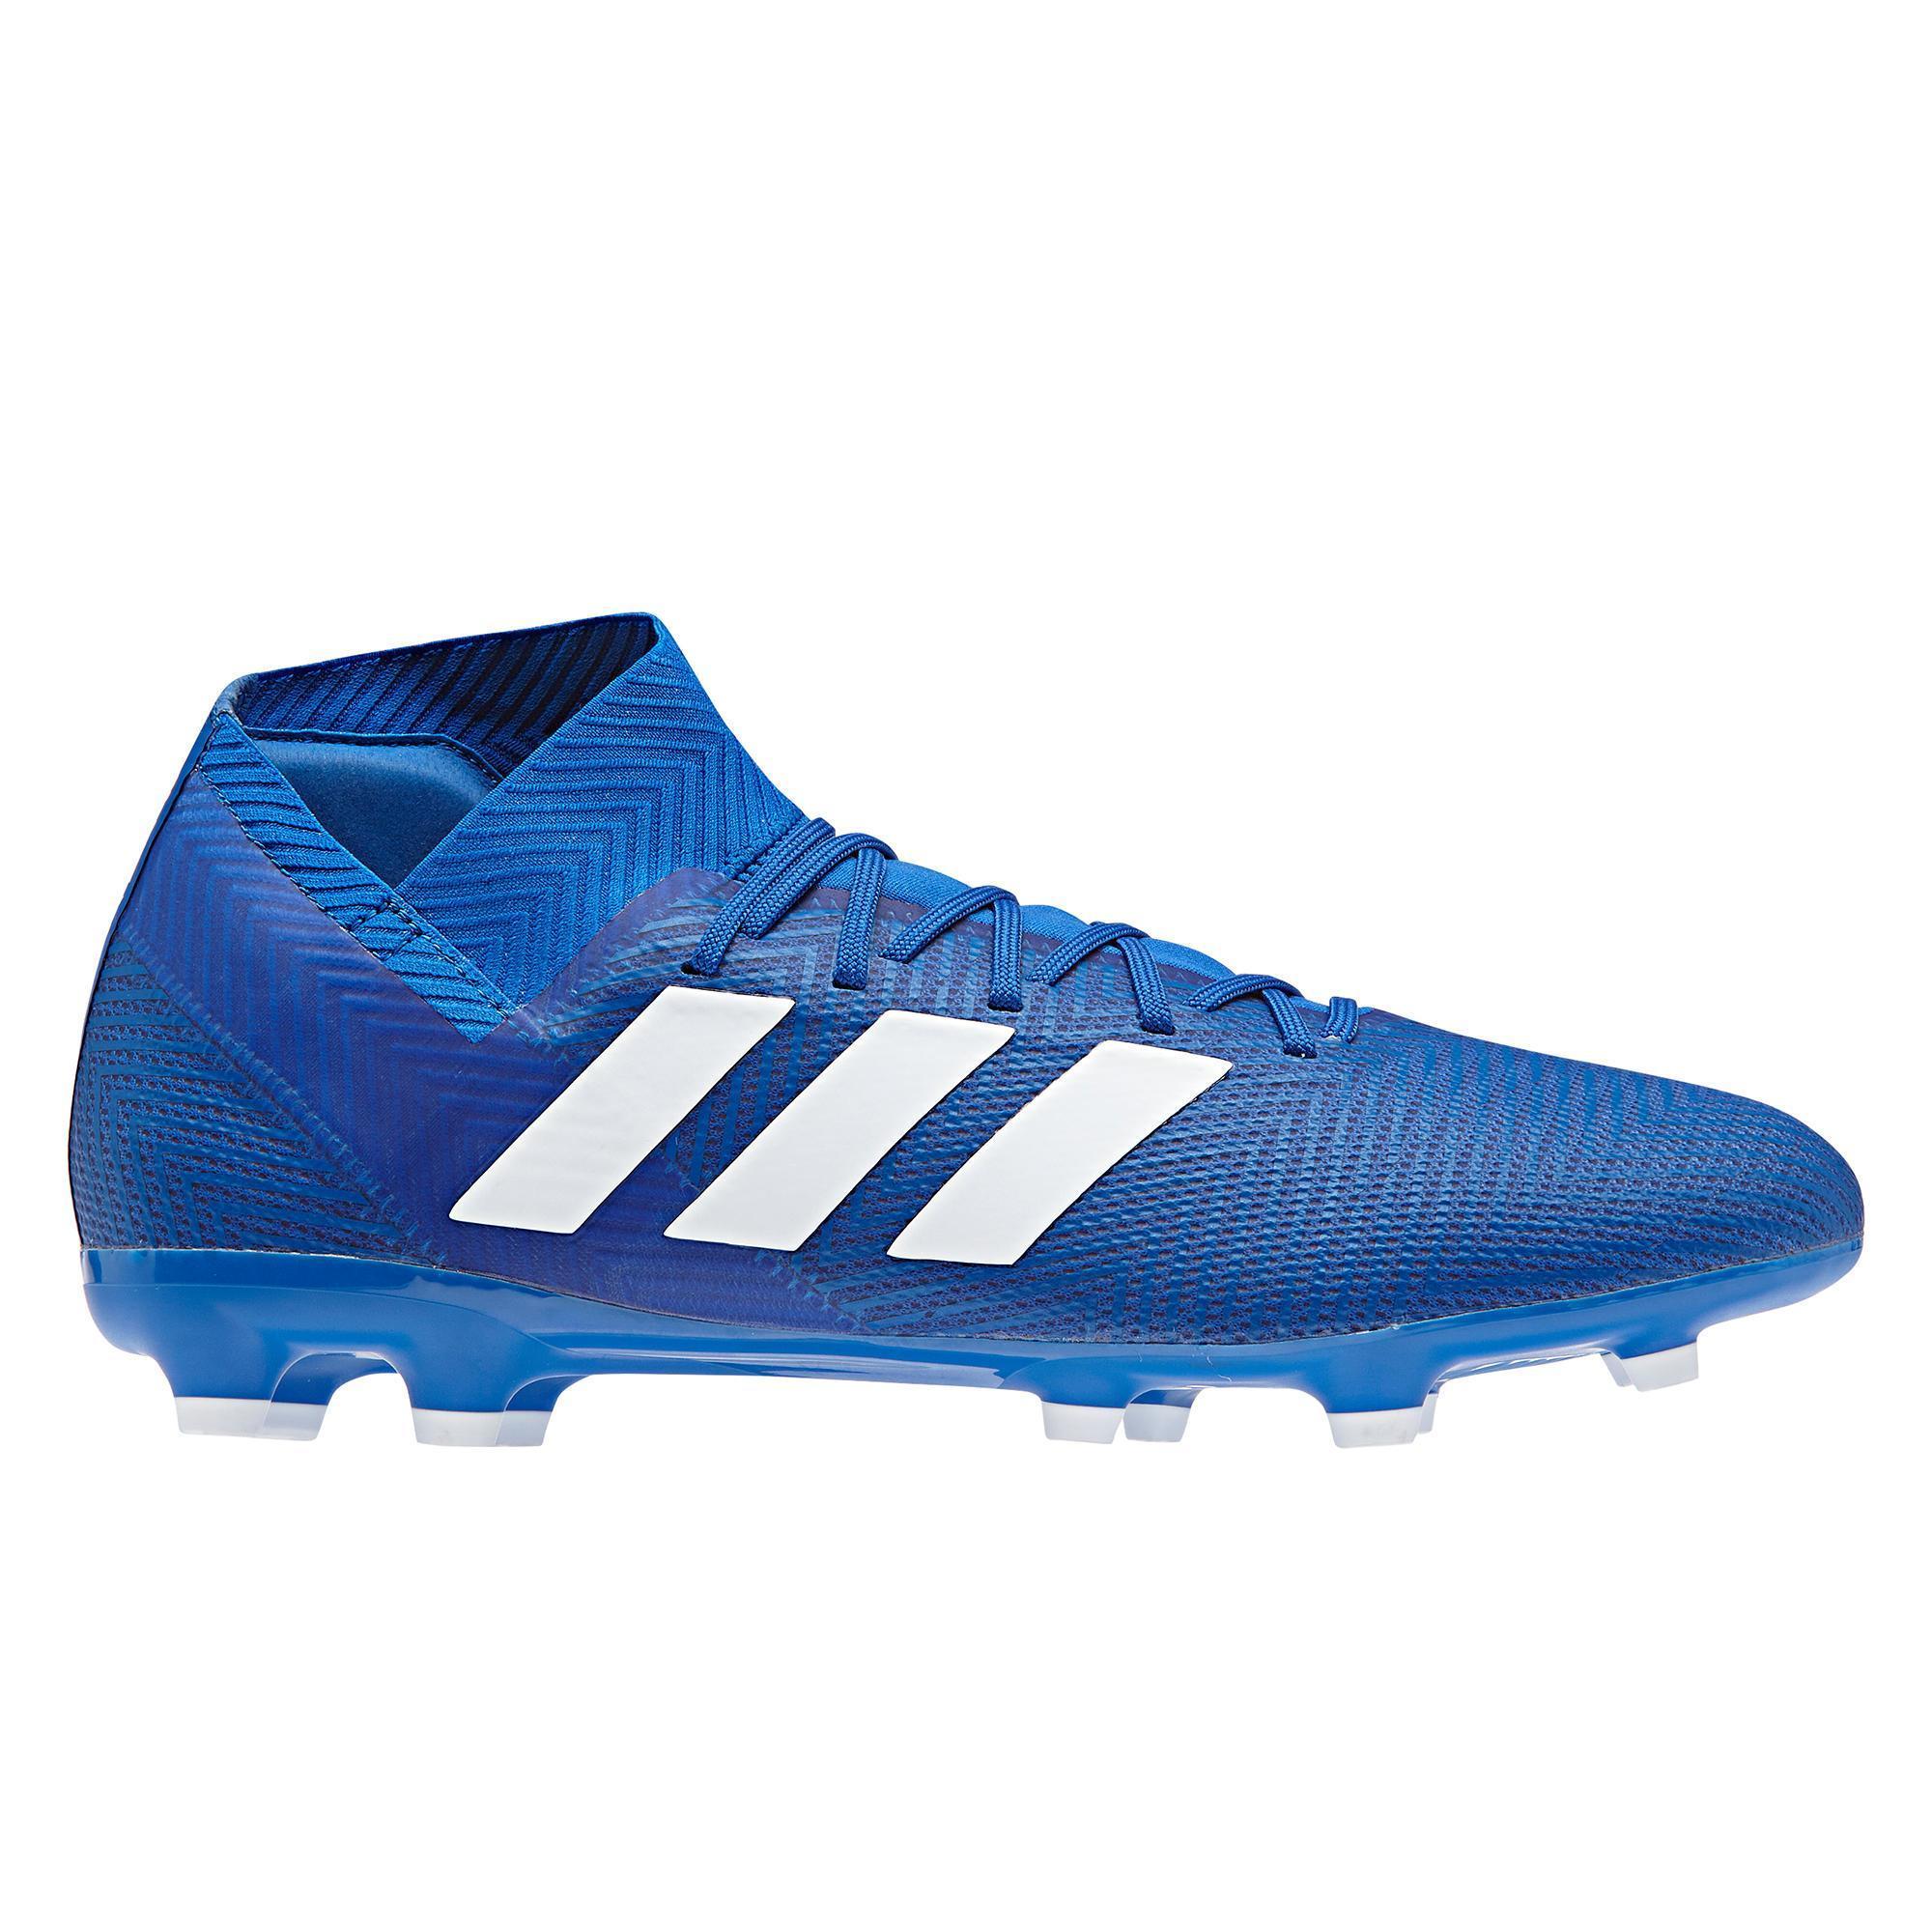 Adidas Voetbalschoenen Nemeziz 18.3 FG voor volwassenen blauw